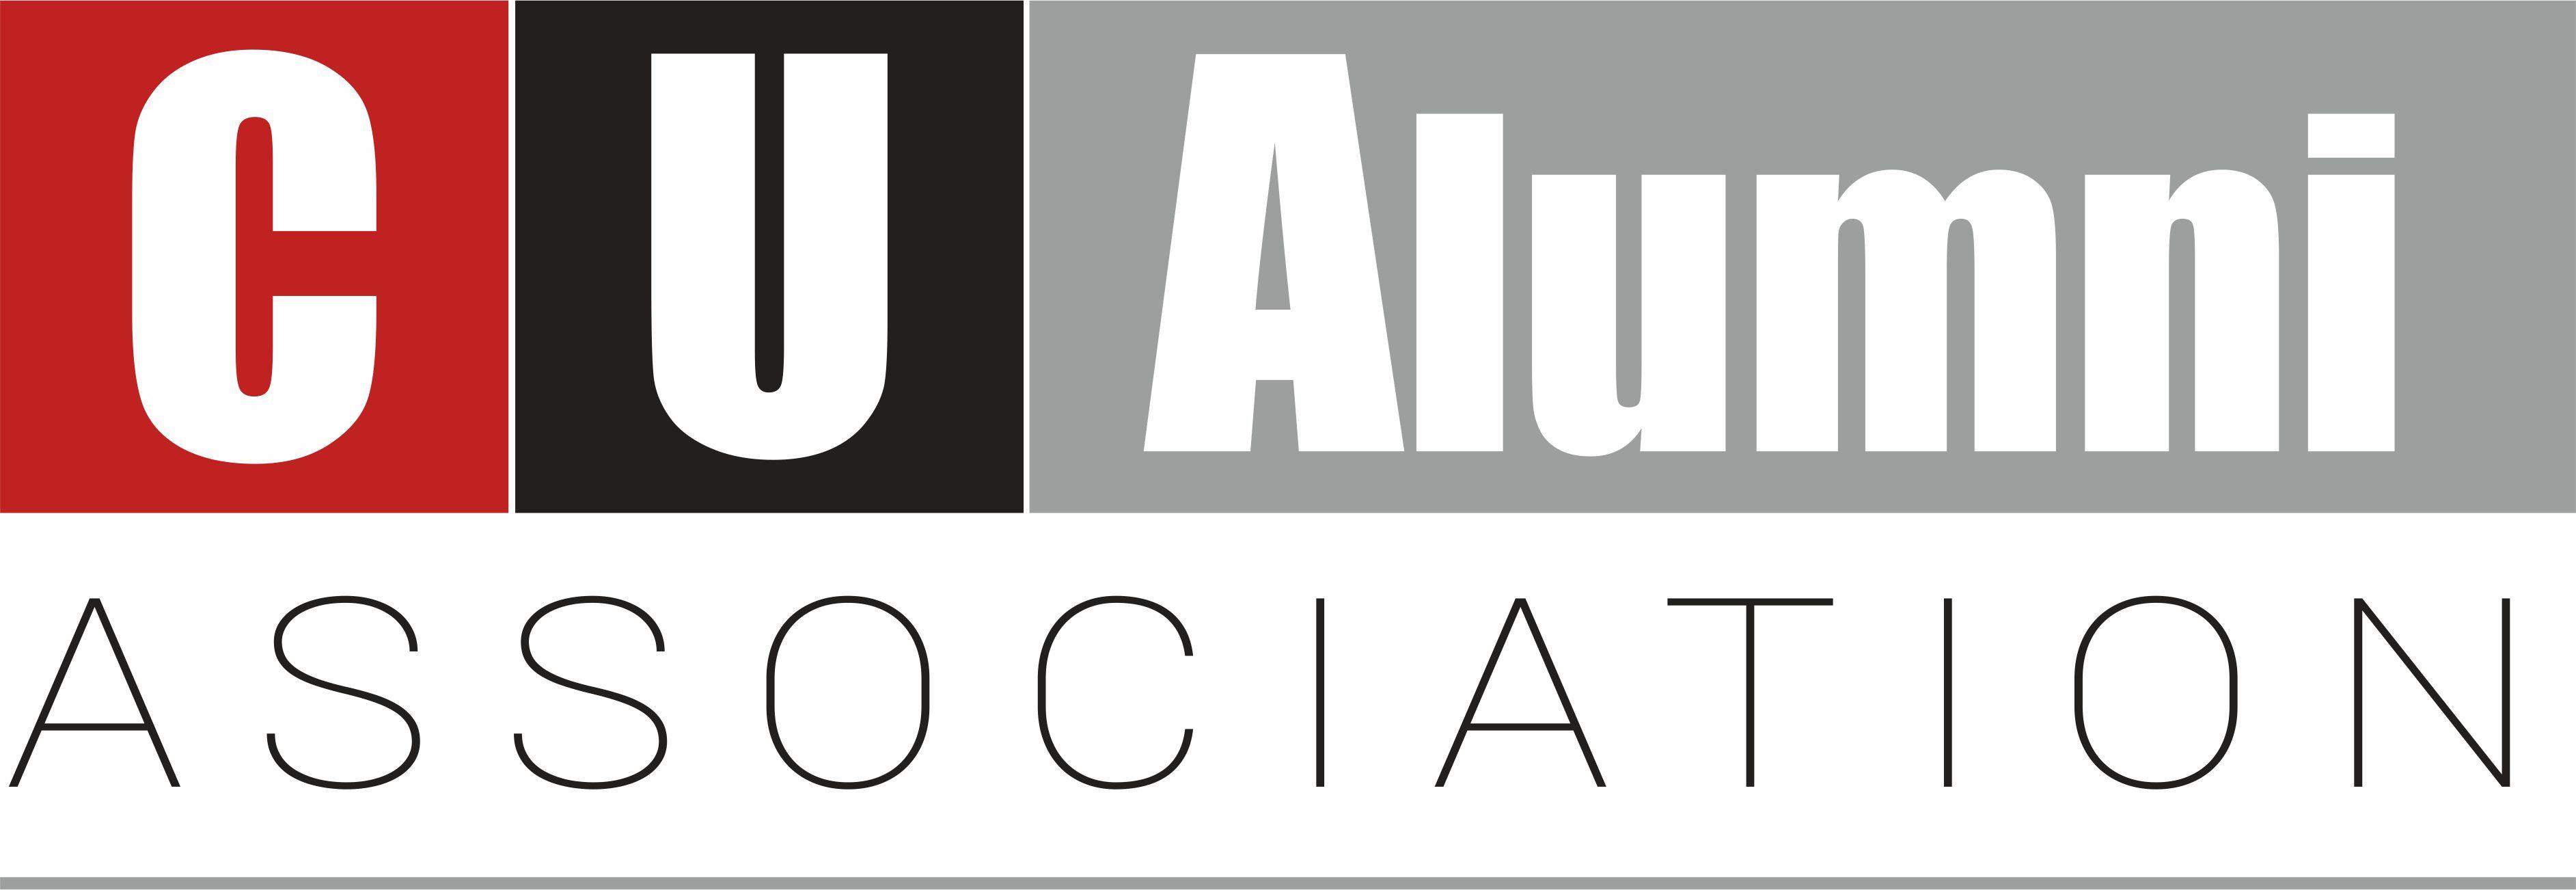 CUAlumni - Directory